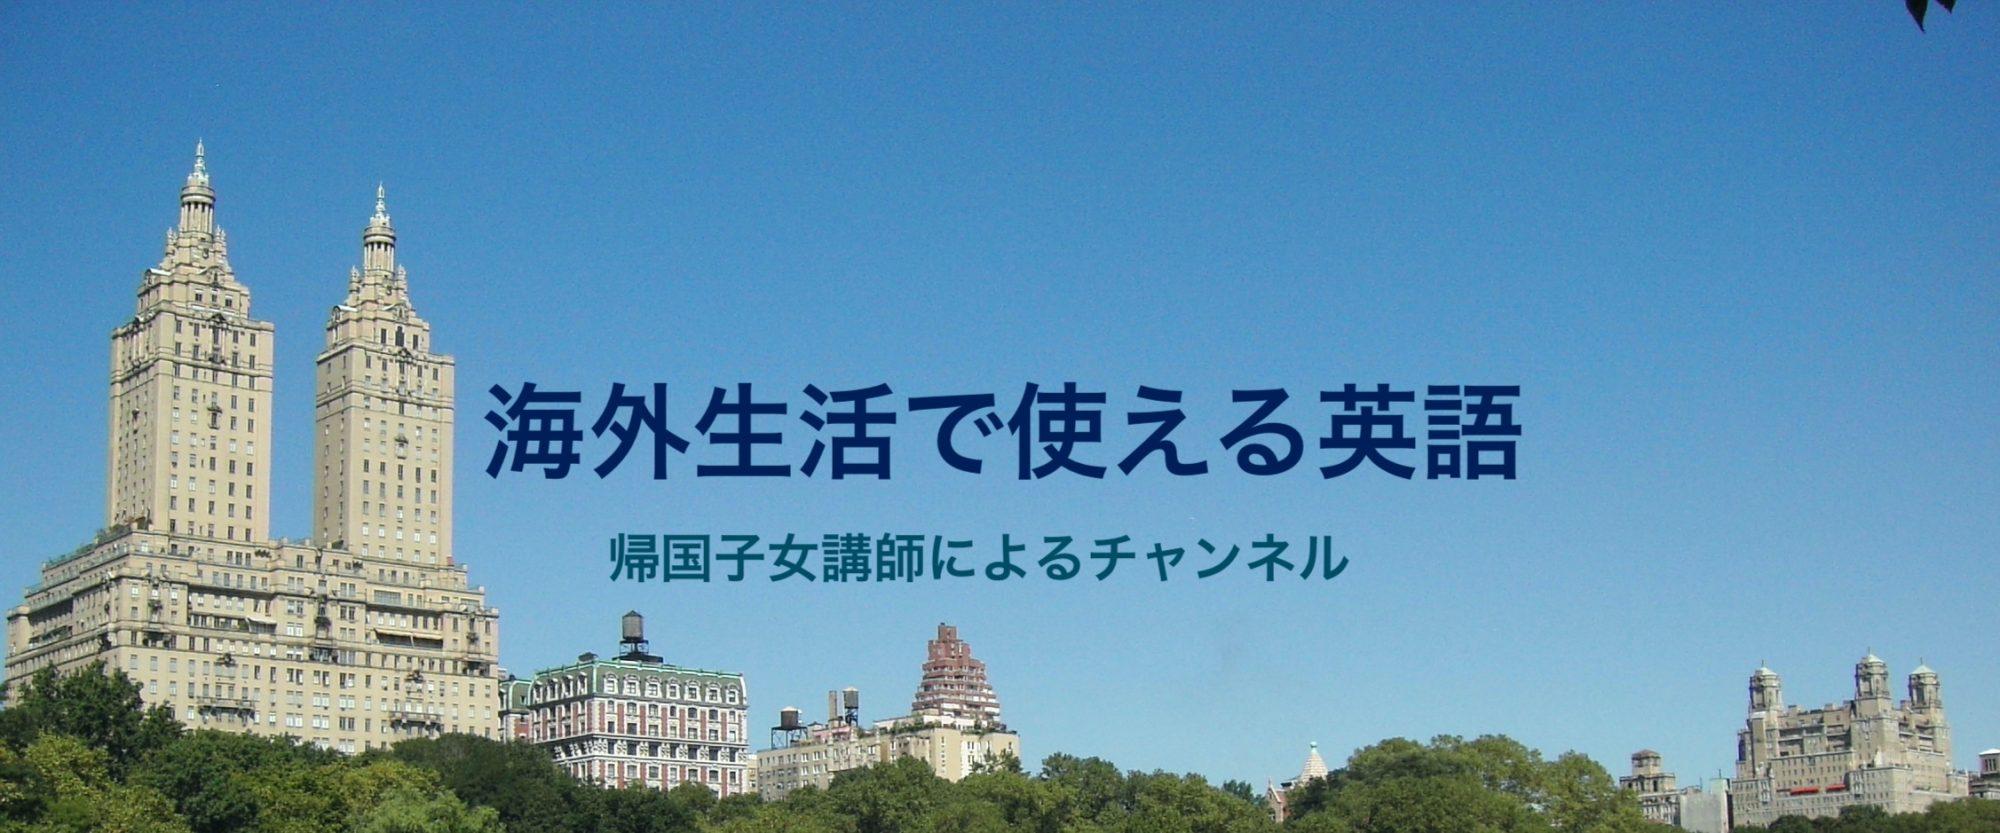 海外旅行・駐在生活使える英語フレーズ116選 アマゾンキンドル本発売中